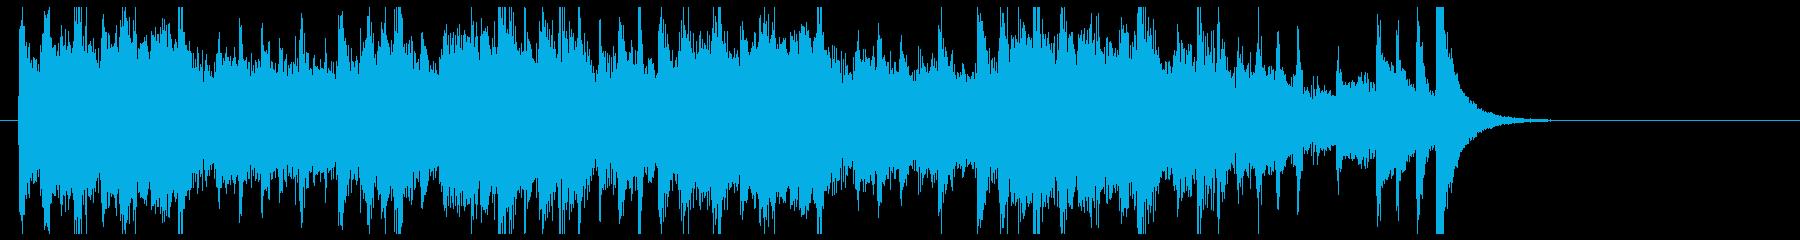 ジャズテイストのおしゃれなジングルの再生済みの波形